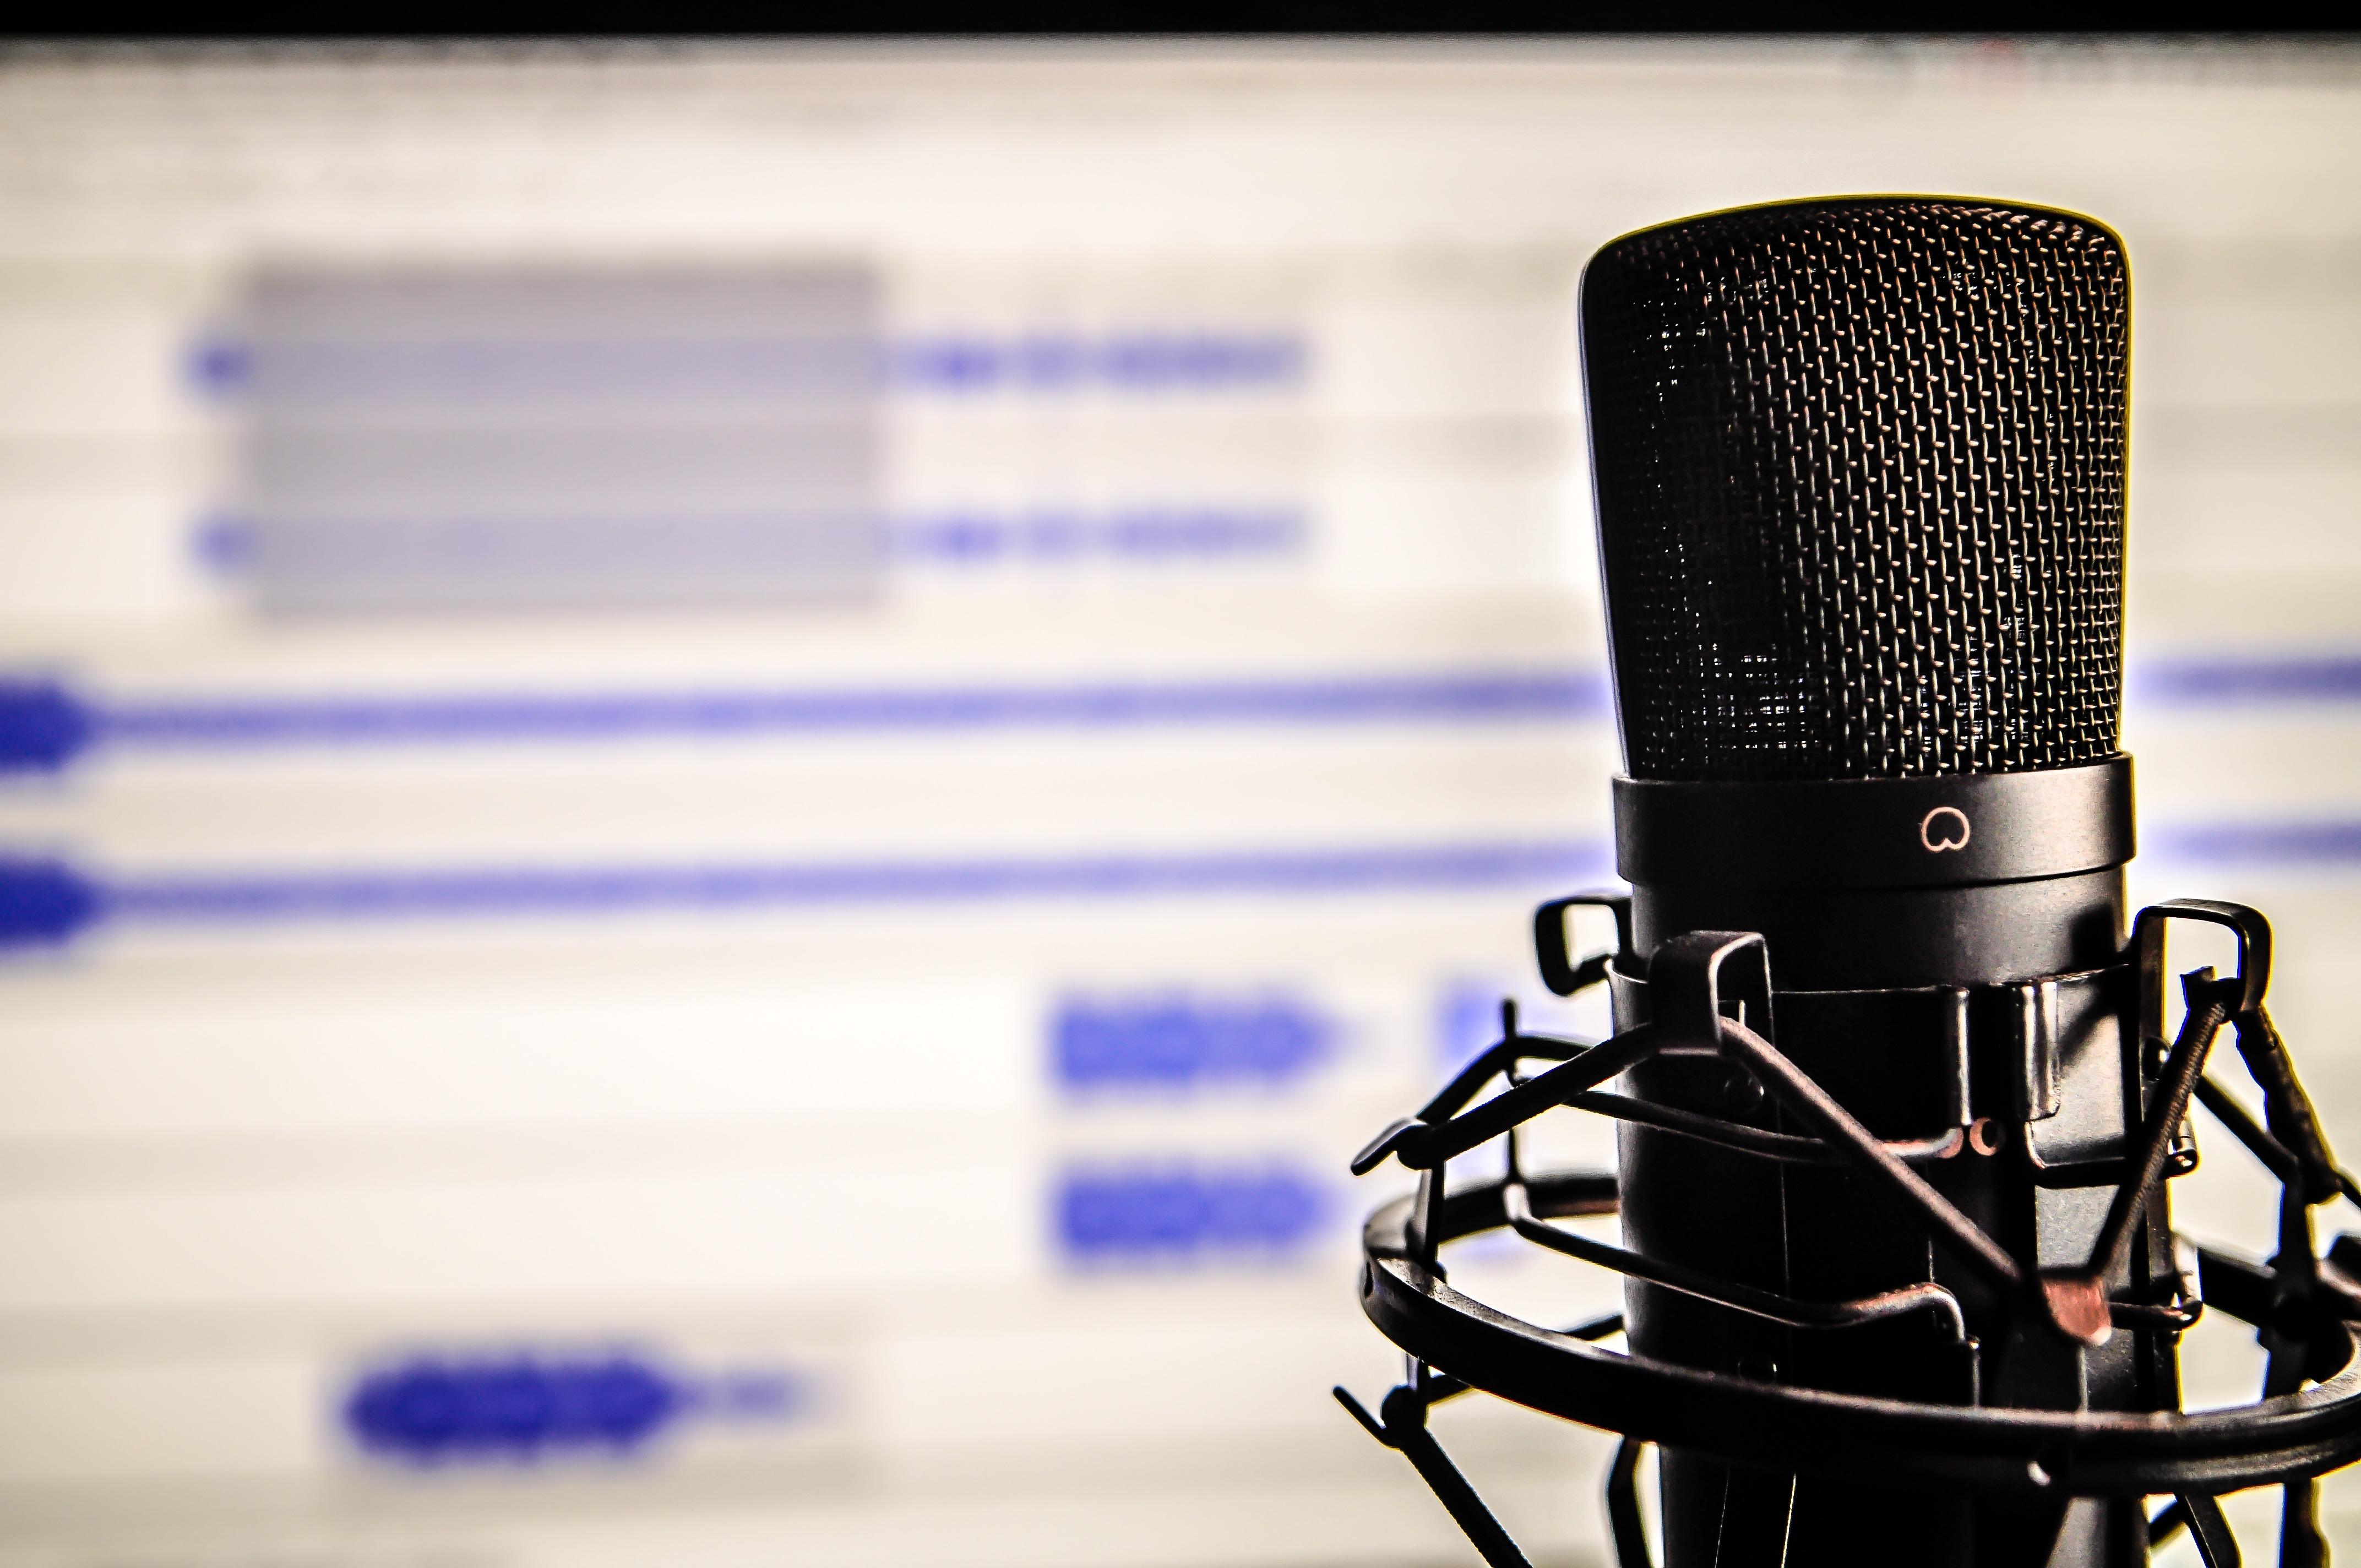 Kytkeä ulkoisen mikrofonin iPhone